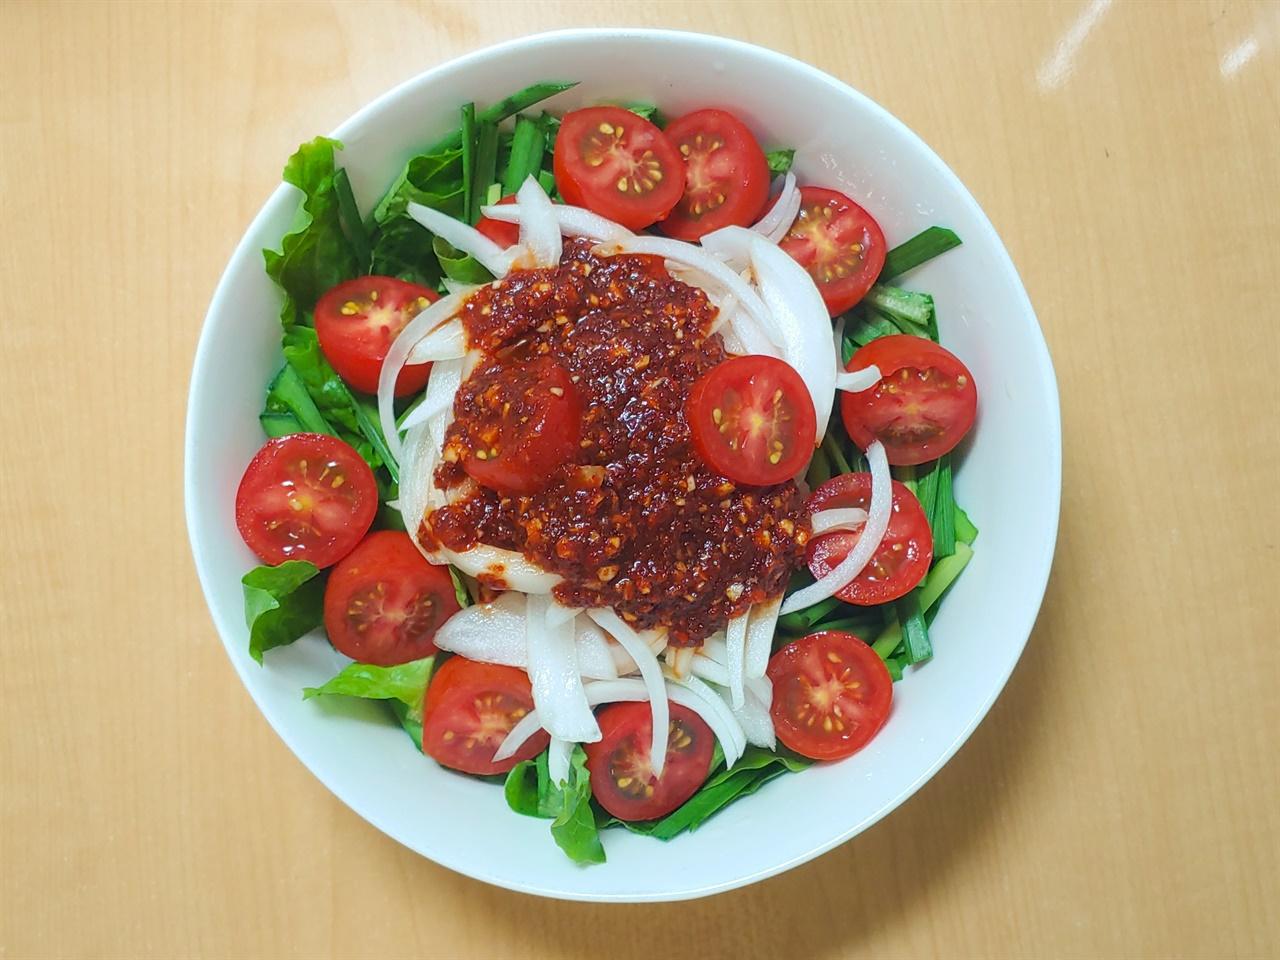 방울토마토 비빔밥 밥 위에 상추, 부추, 양파, 방울토마토, 양념장을 올렸다.